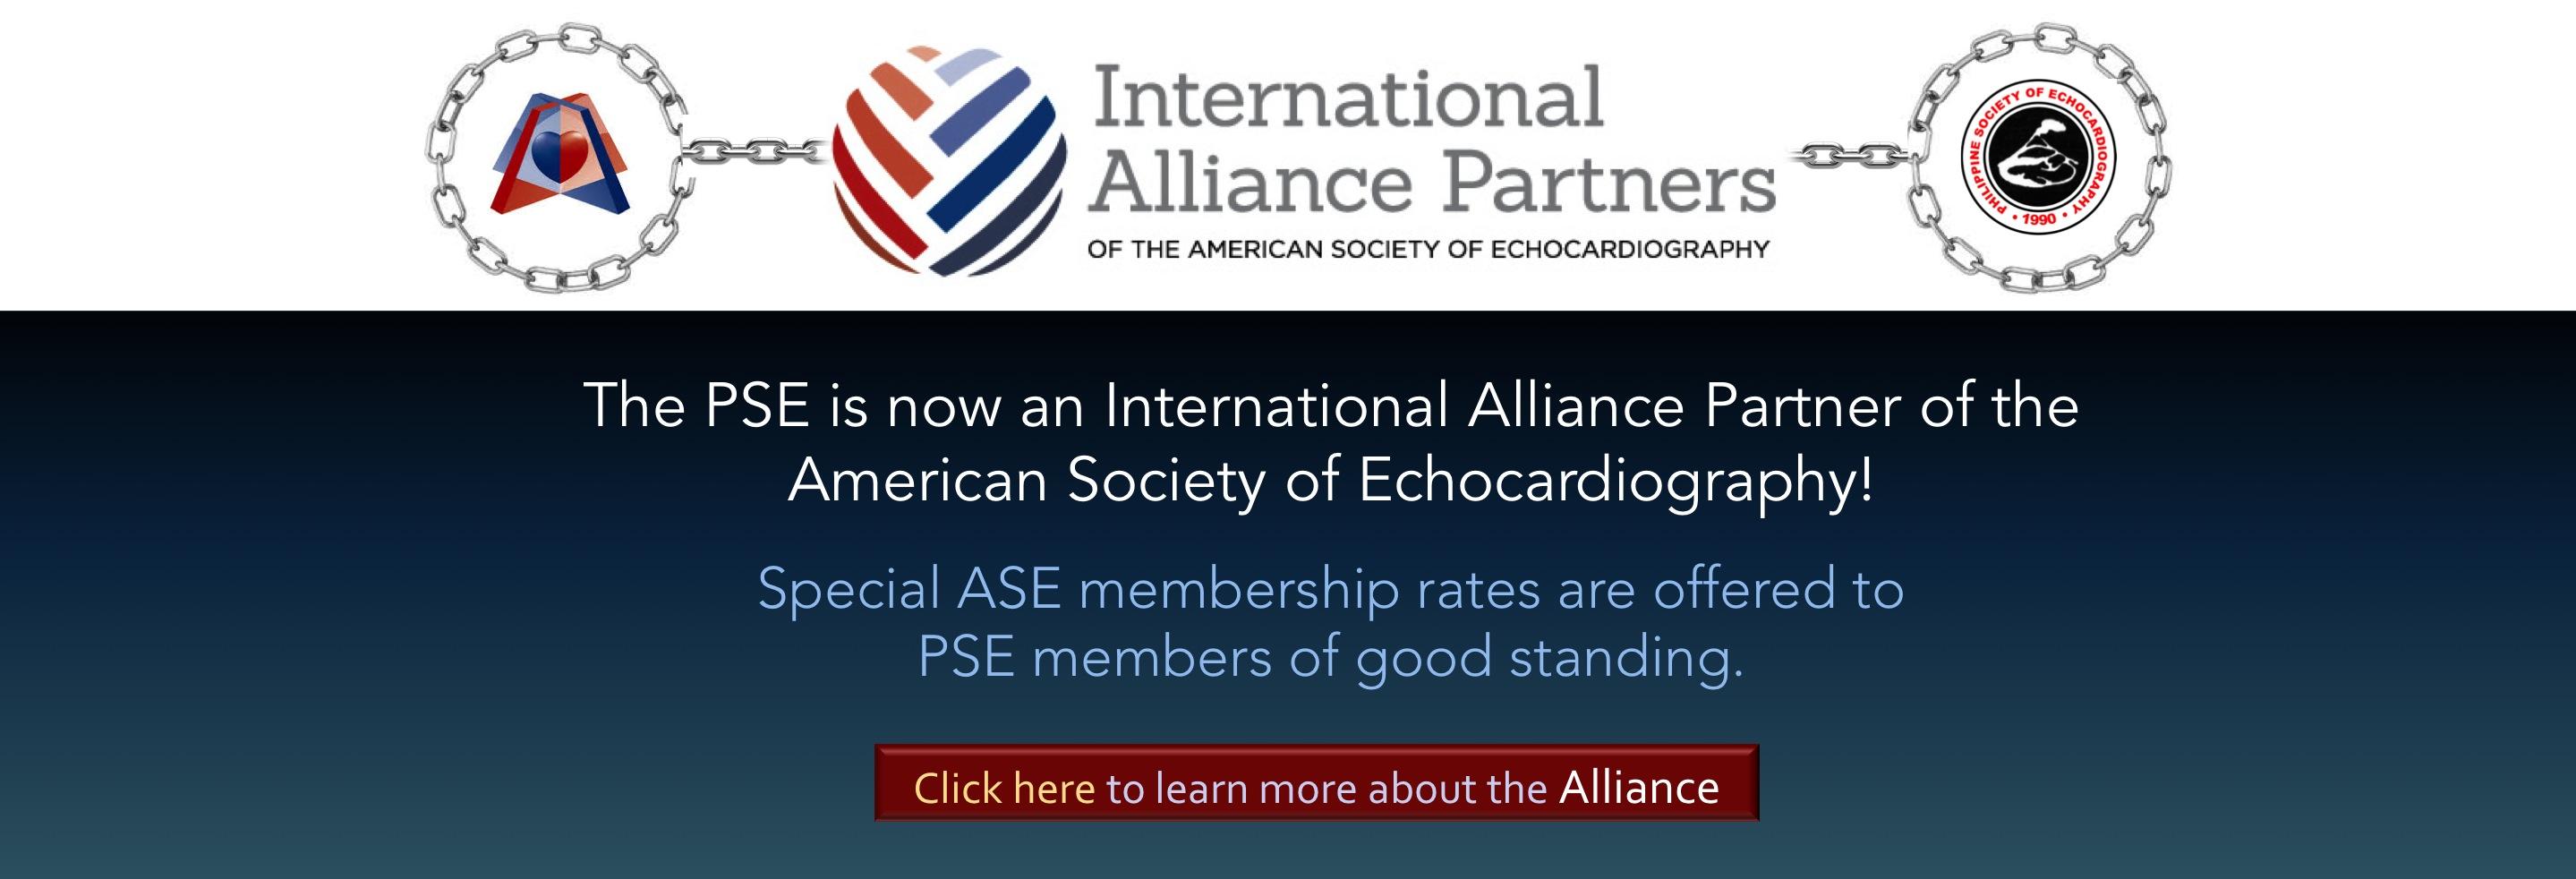 ASEAlliance